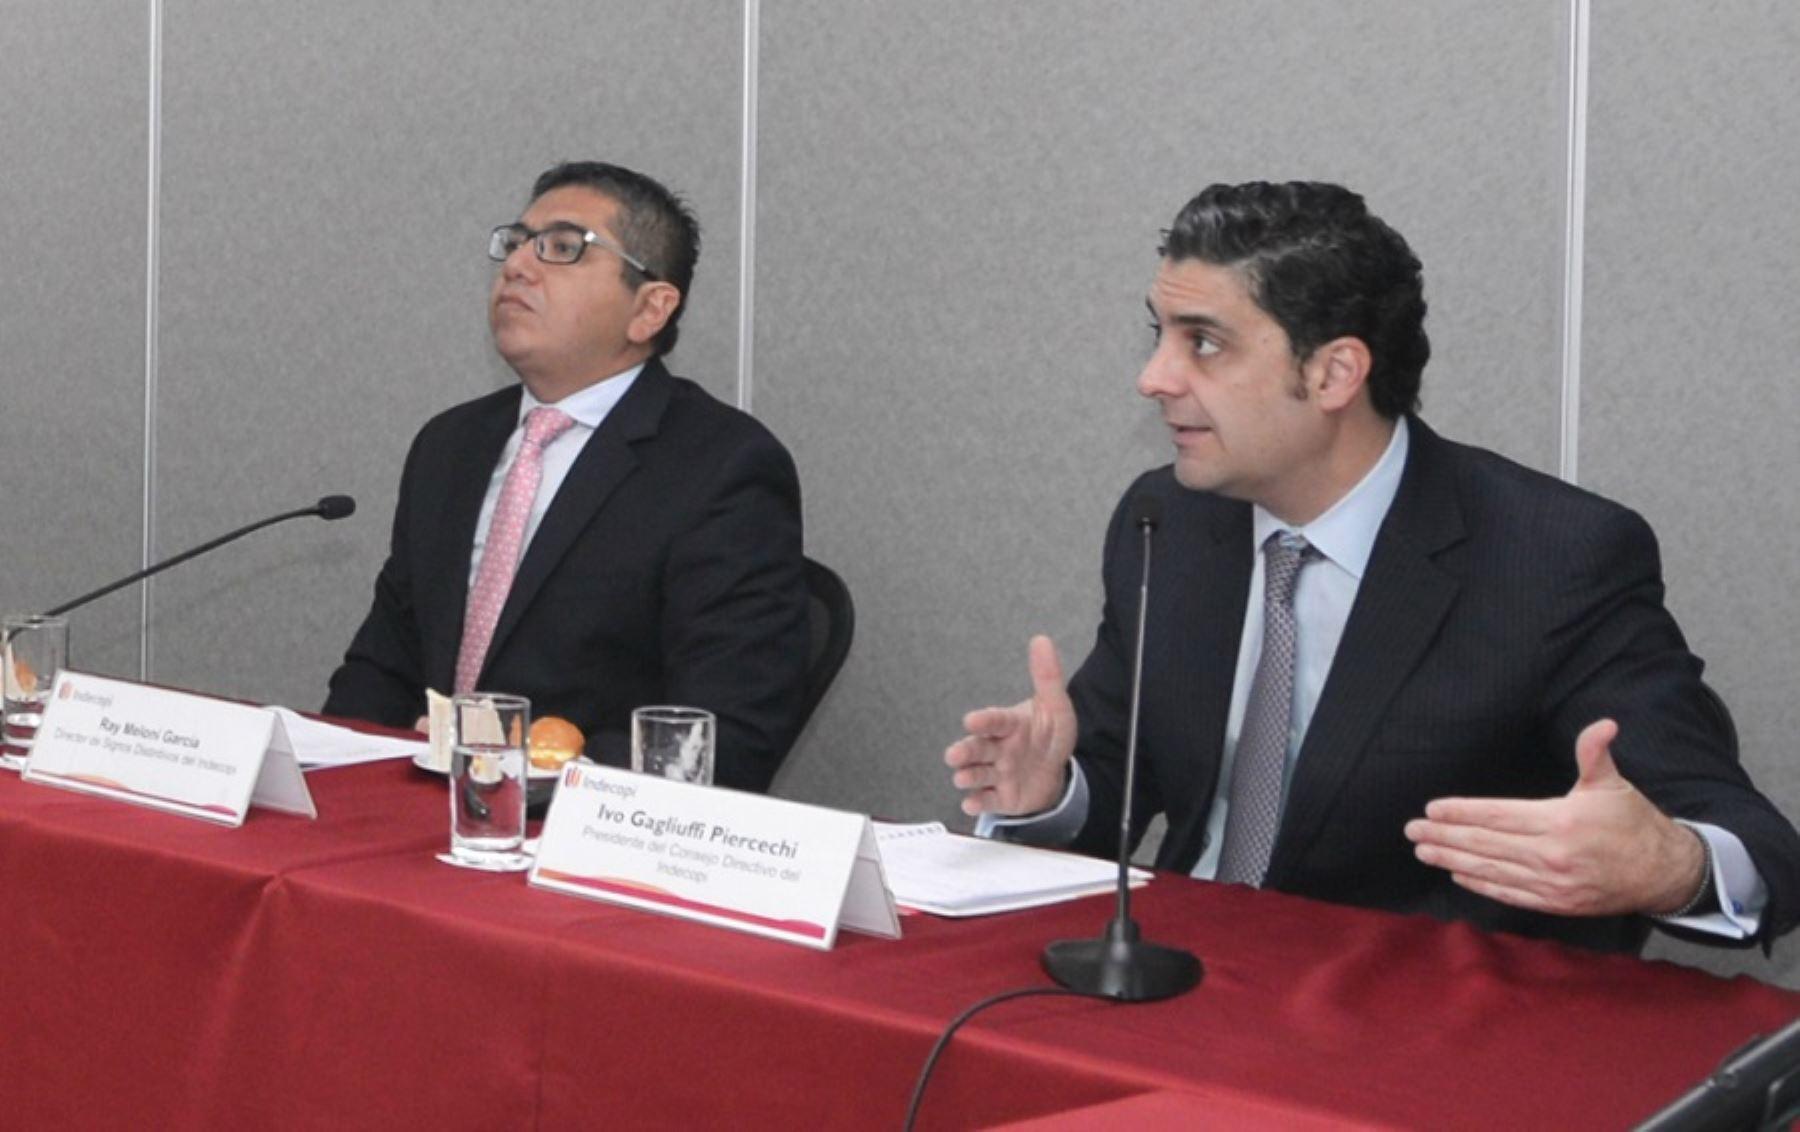 Ray Meloni García, director de Signos Distintivos e Ivo Gagliuffi Piercechi, presidente del Consejo Directivo del Indecopi